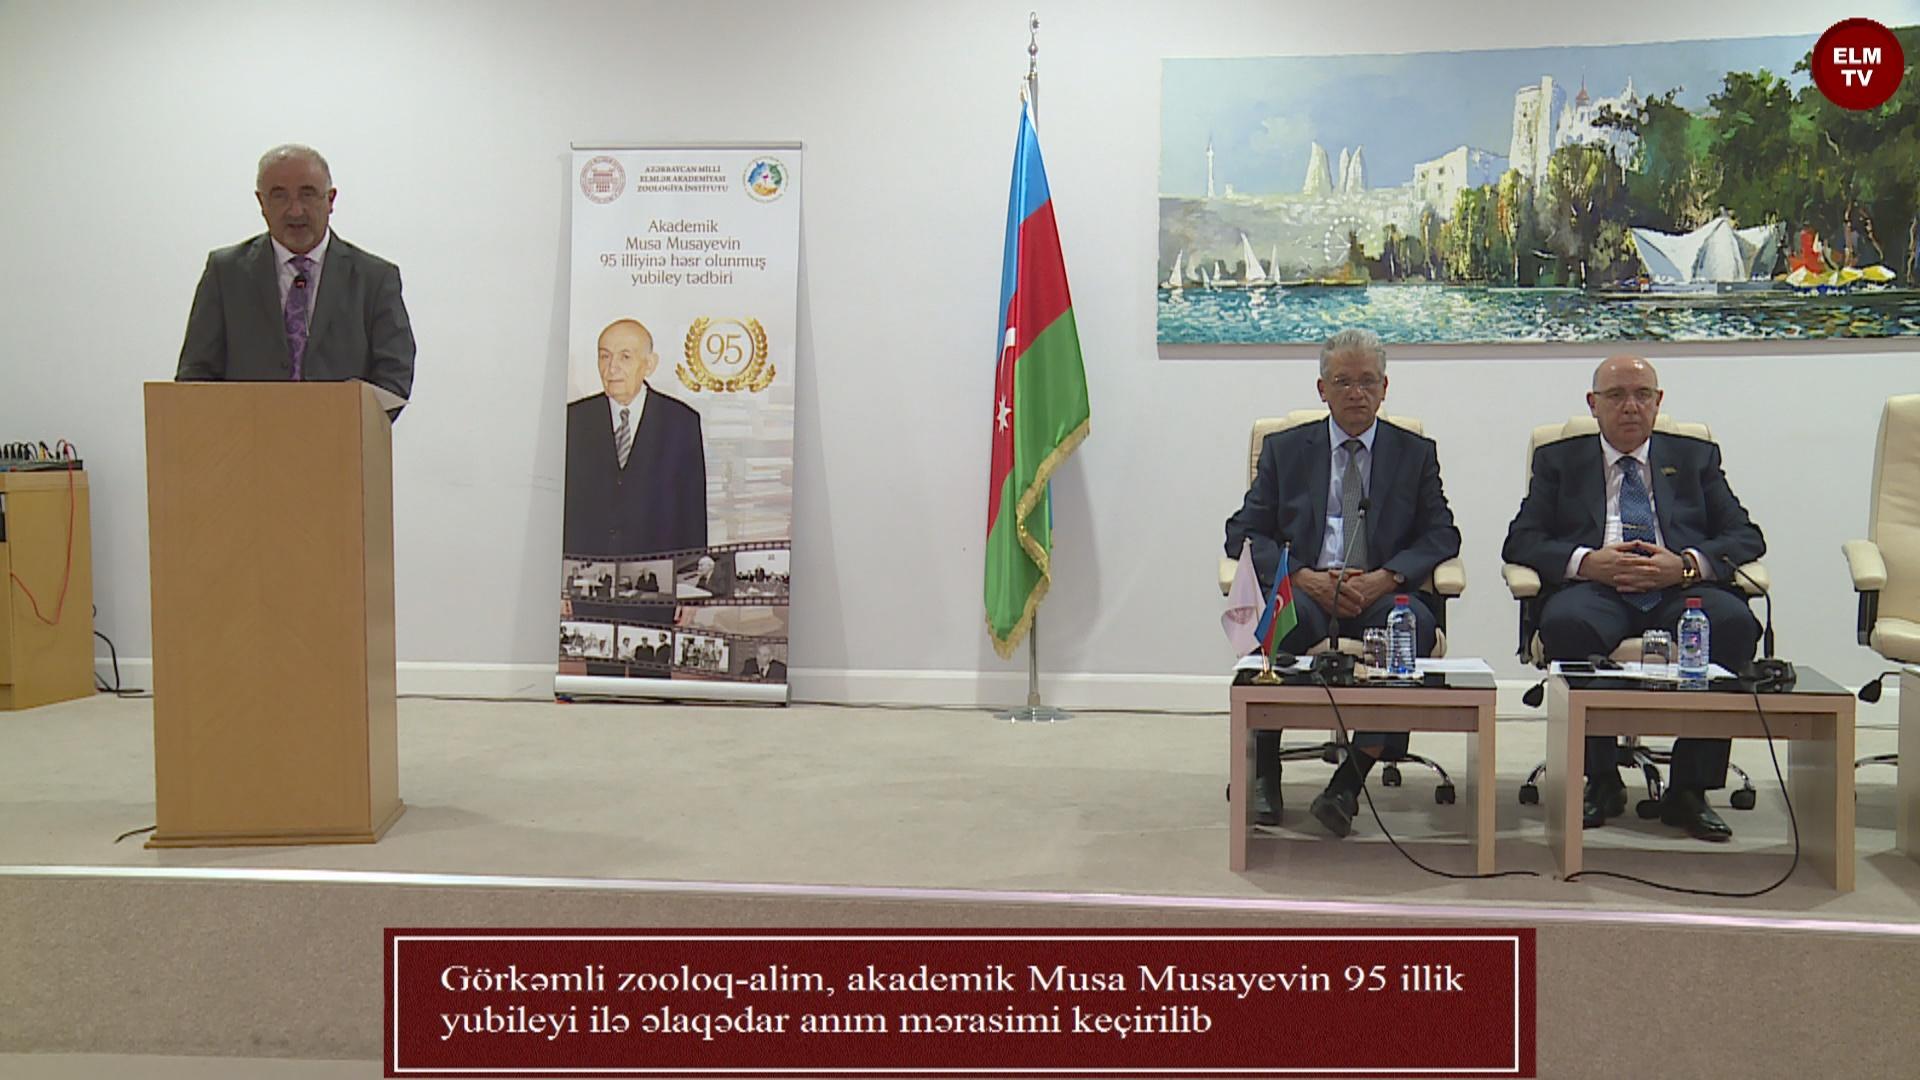 Görkəmli zooloq-alim, akademik Musa Musayevin 95 illik yubileyi ilə əlaqədar anım mərasimi keçirilib